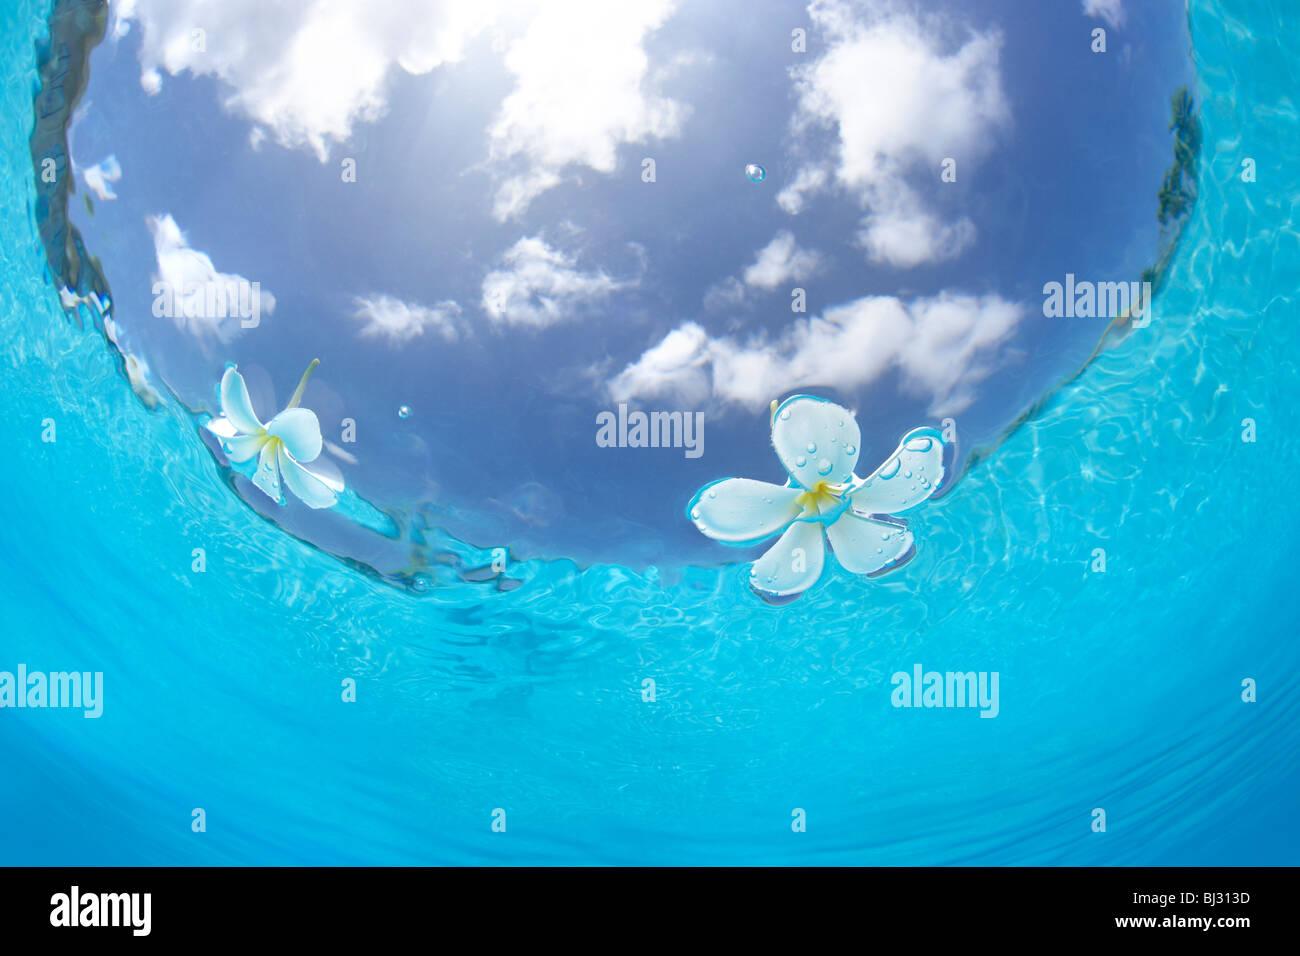 Plumerias flotando sobre el agua Foto de stock